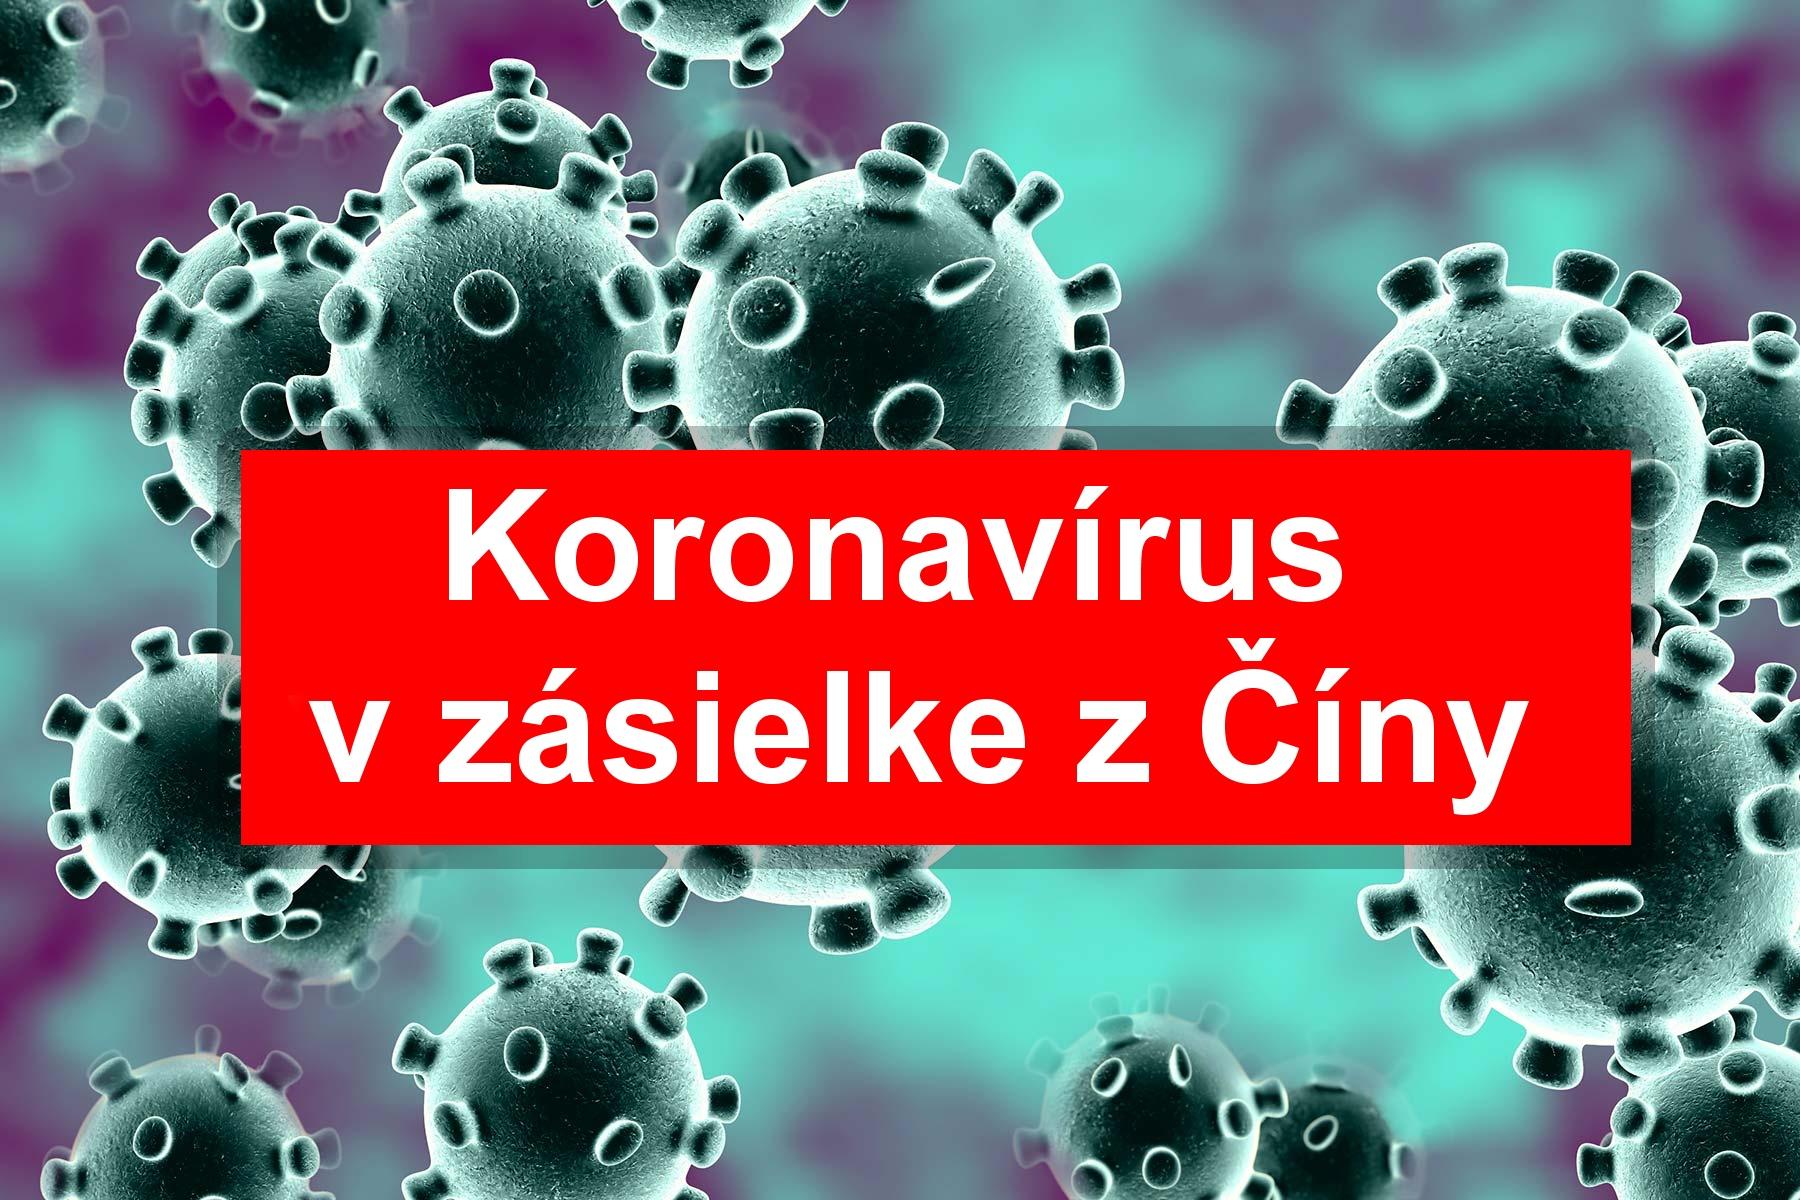 Koronavirus aliexpress nakaza balicek china cina SK